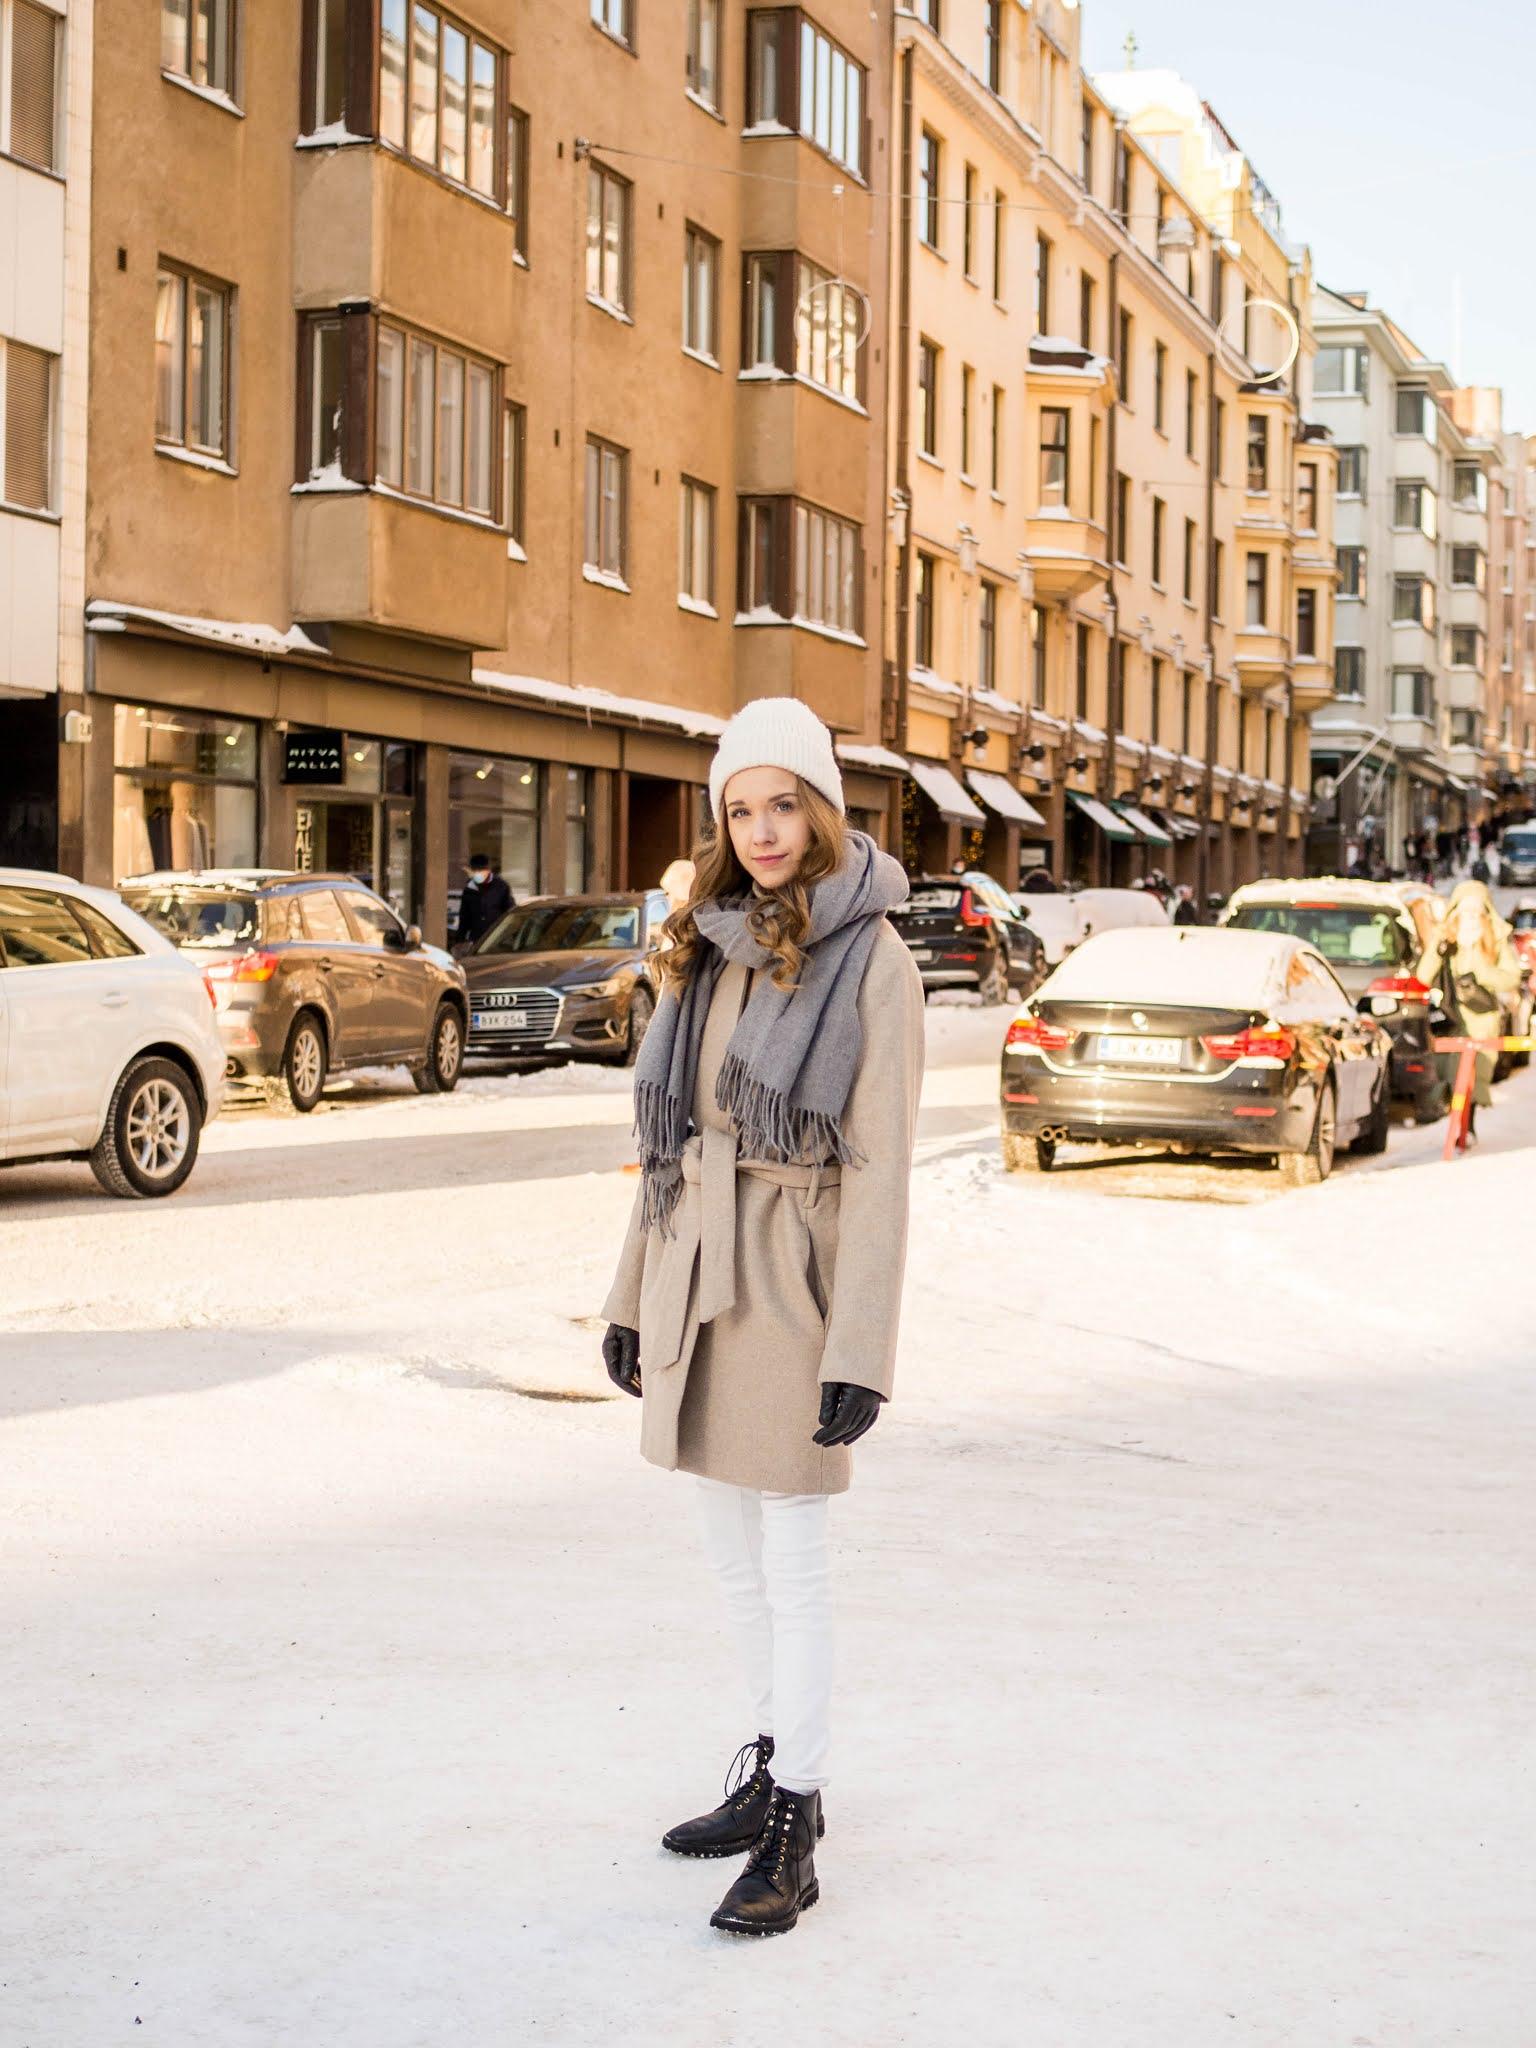 Vinkkejä tyylikkääseen kerrospukeutumiseen // Tips for stylish outfit layering in winter